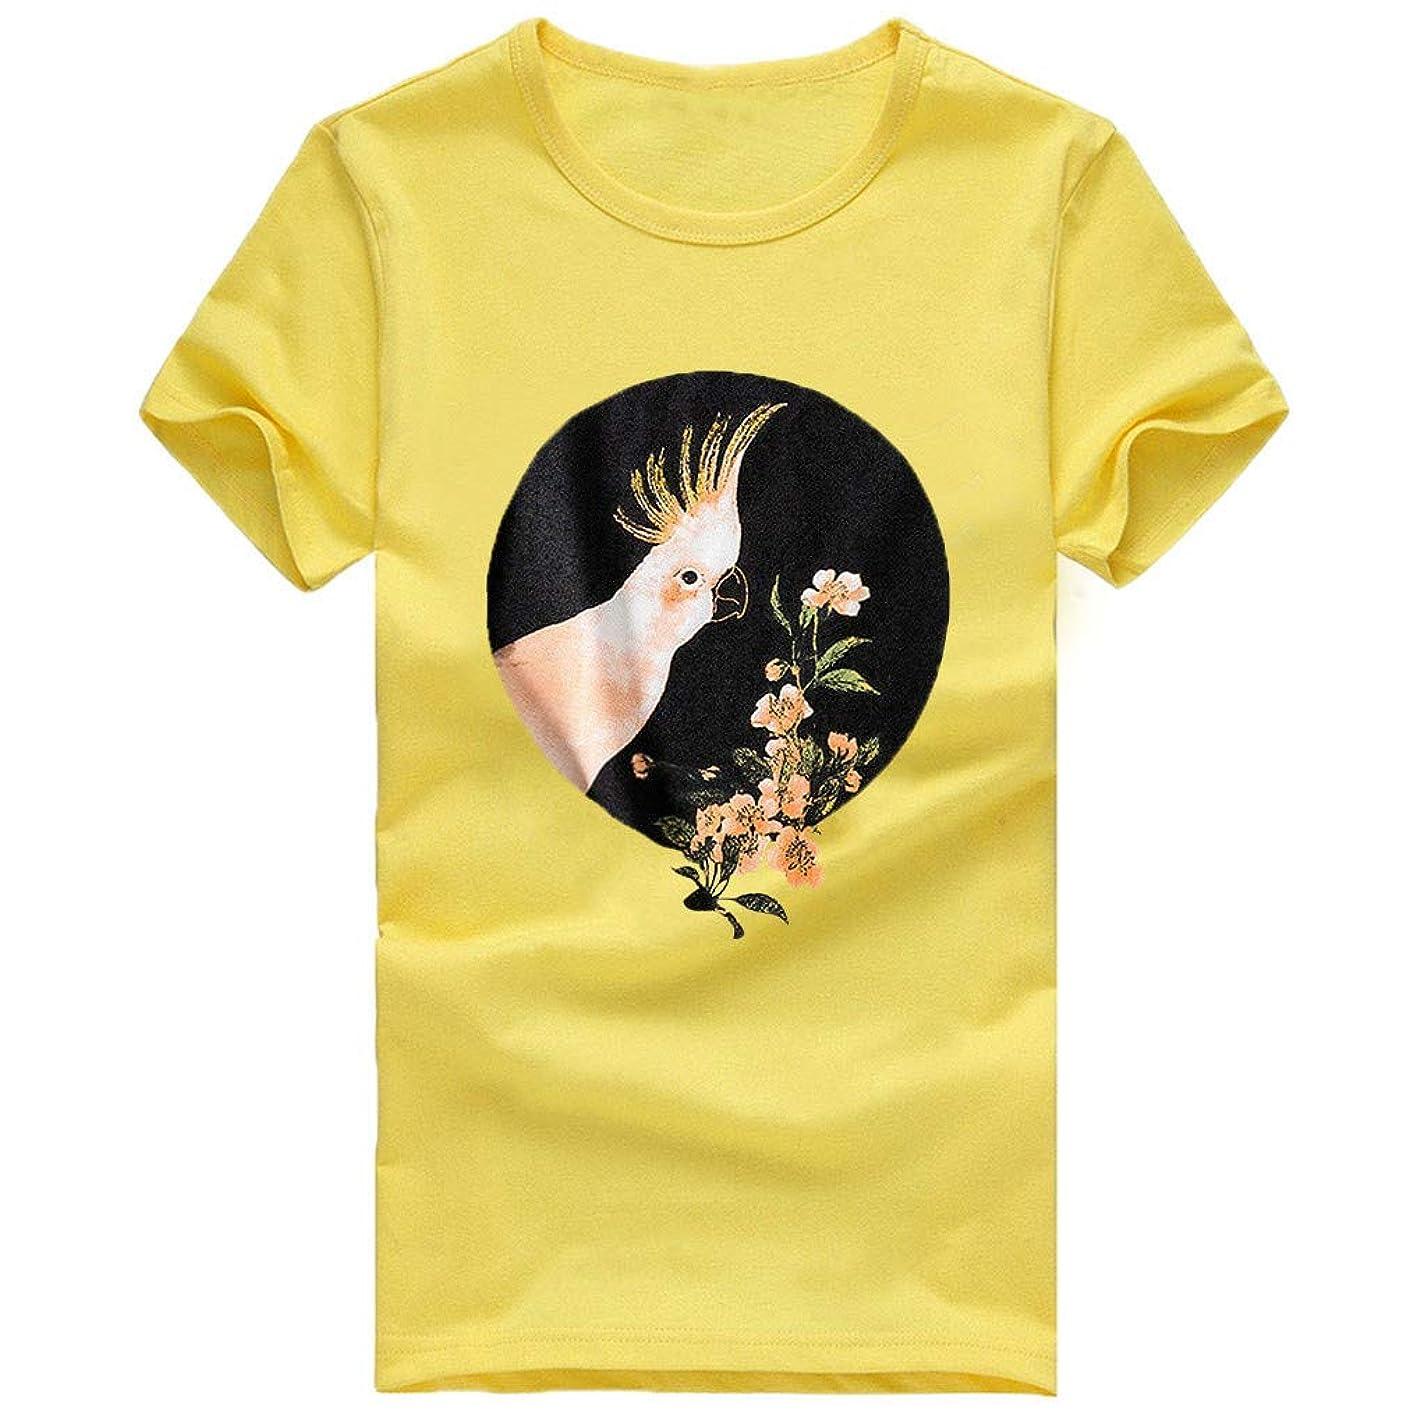 Sumen Women T Shirt Funny Print Short Sleeve Tops Teen Girls Summer Baggy Tees sx78551238